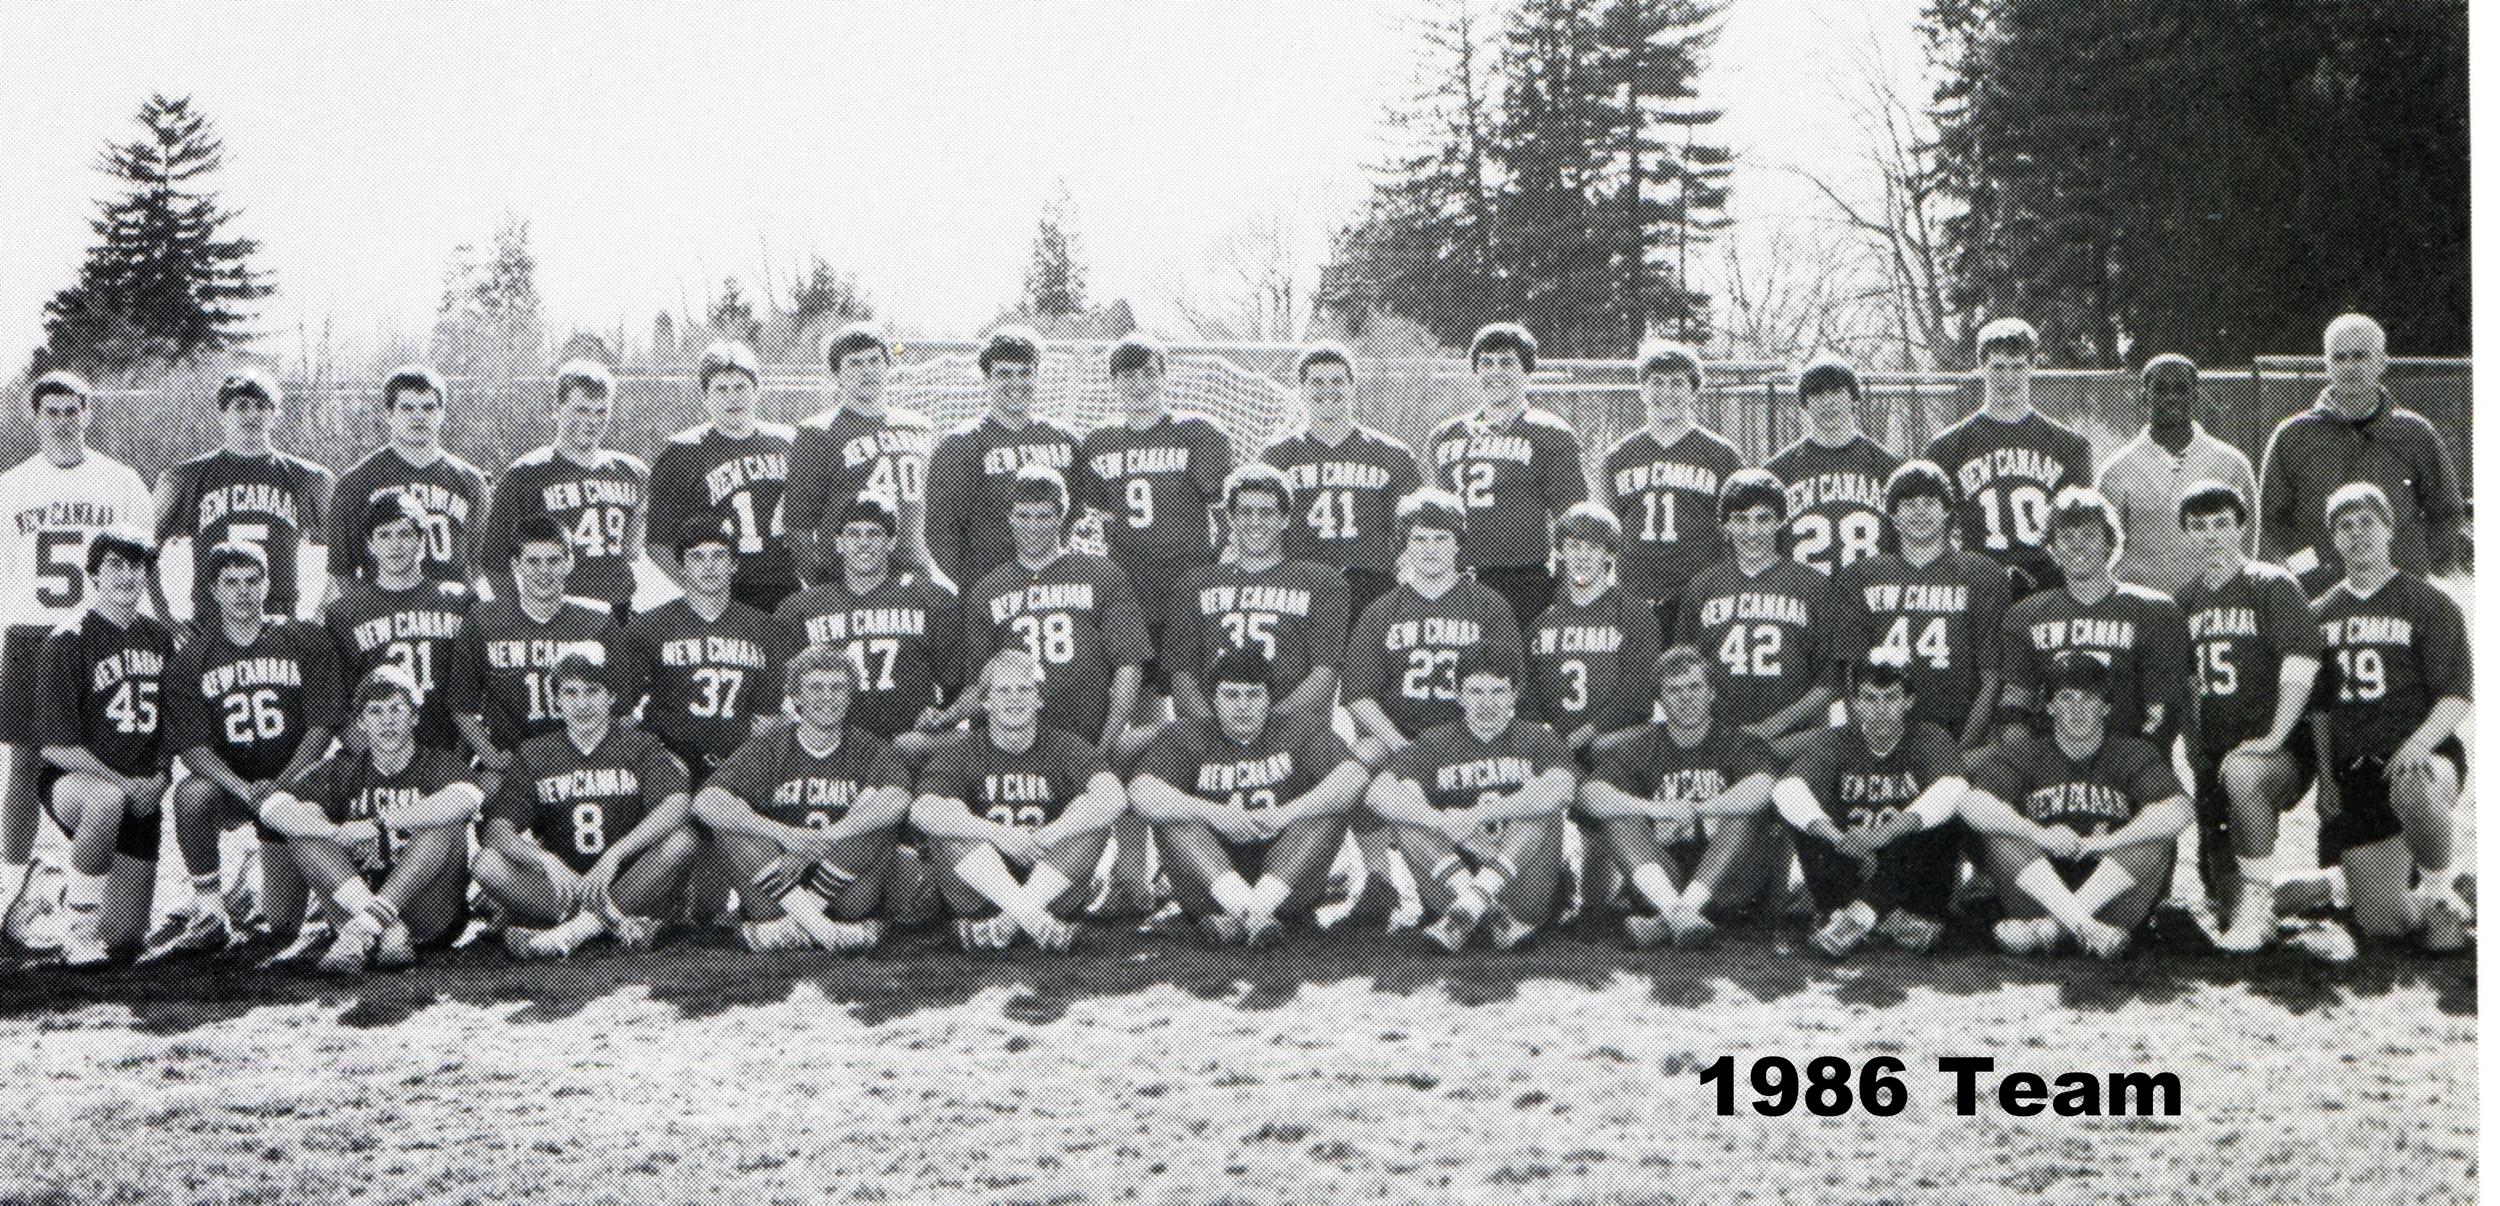 1986 NC Lax Team Photo.jpg